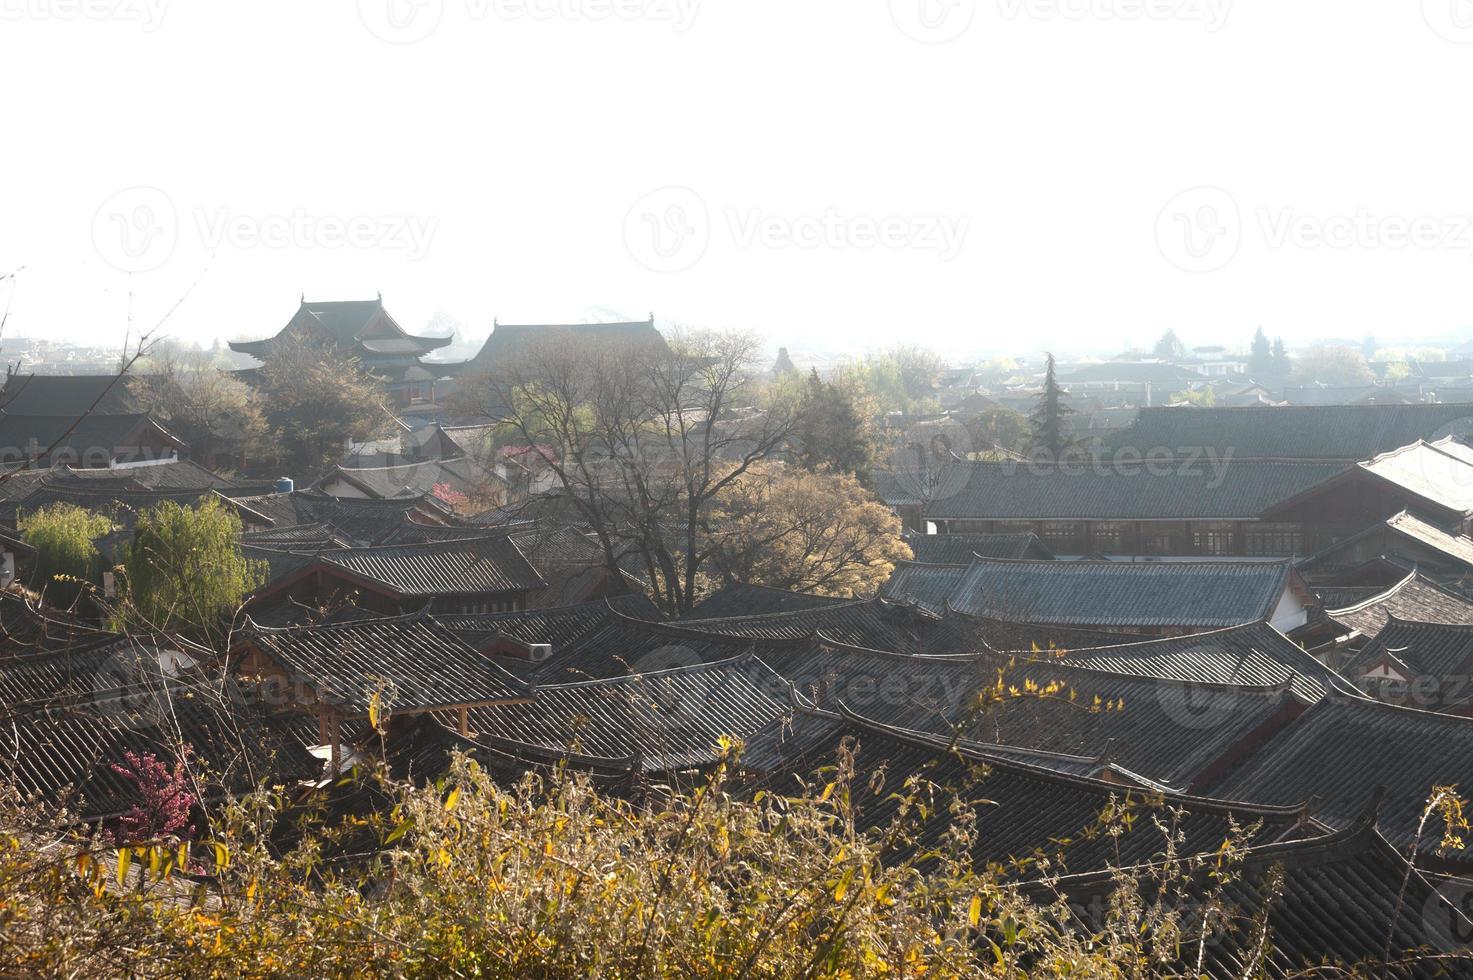 telhados da antiga cidade histórica de lijiang dayan. foto